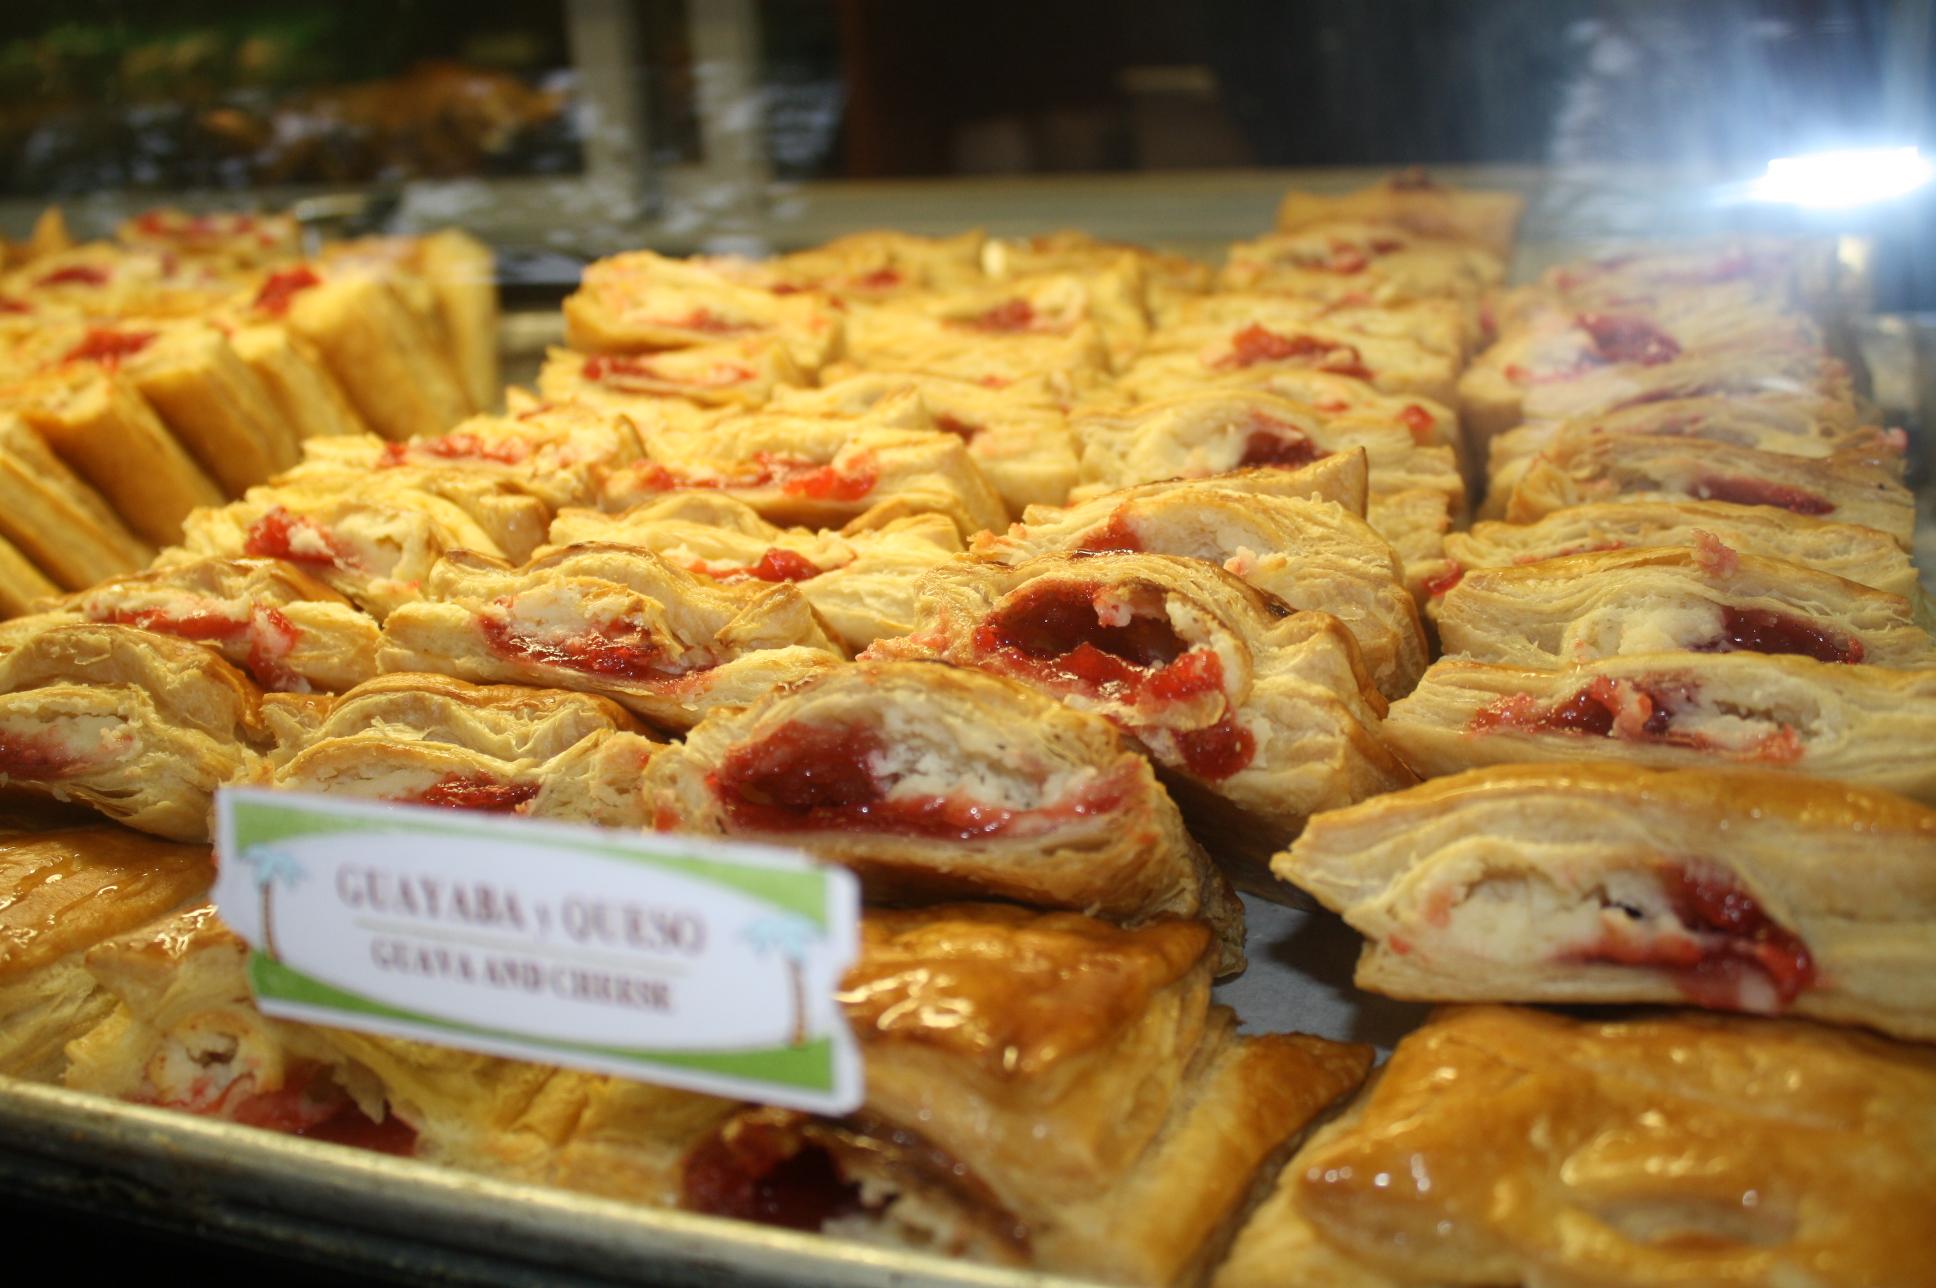 Los pastelillos de guayaba y queso son de los favoritos en el restaurante. (Foto de Agustín Durán/El Pasajero).